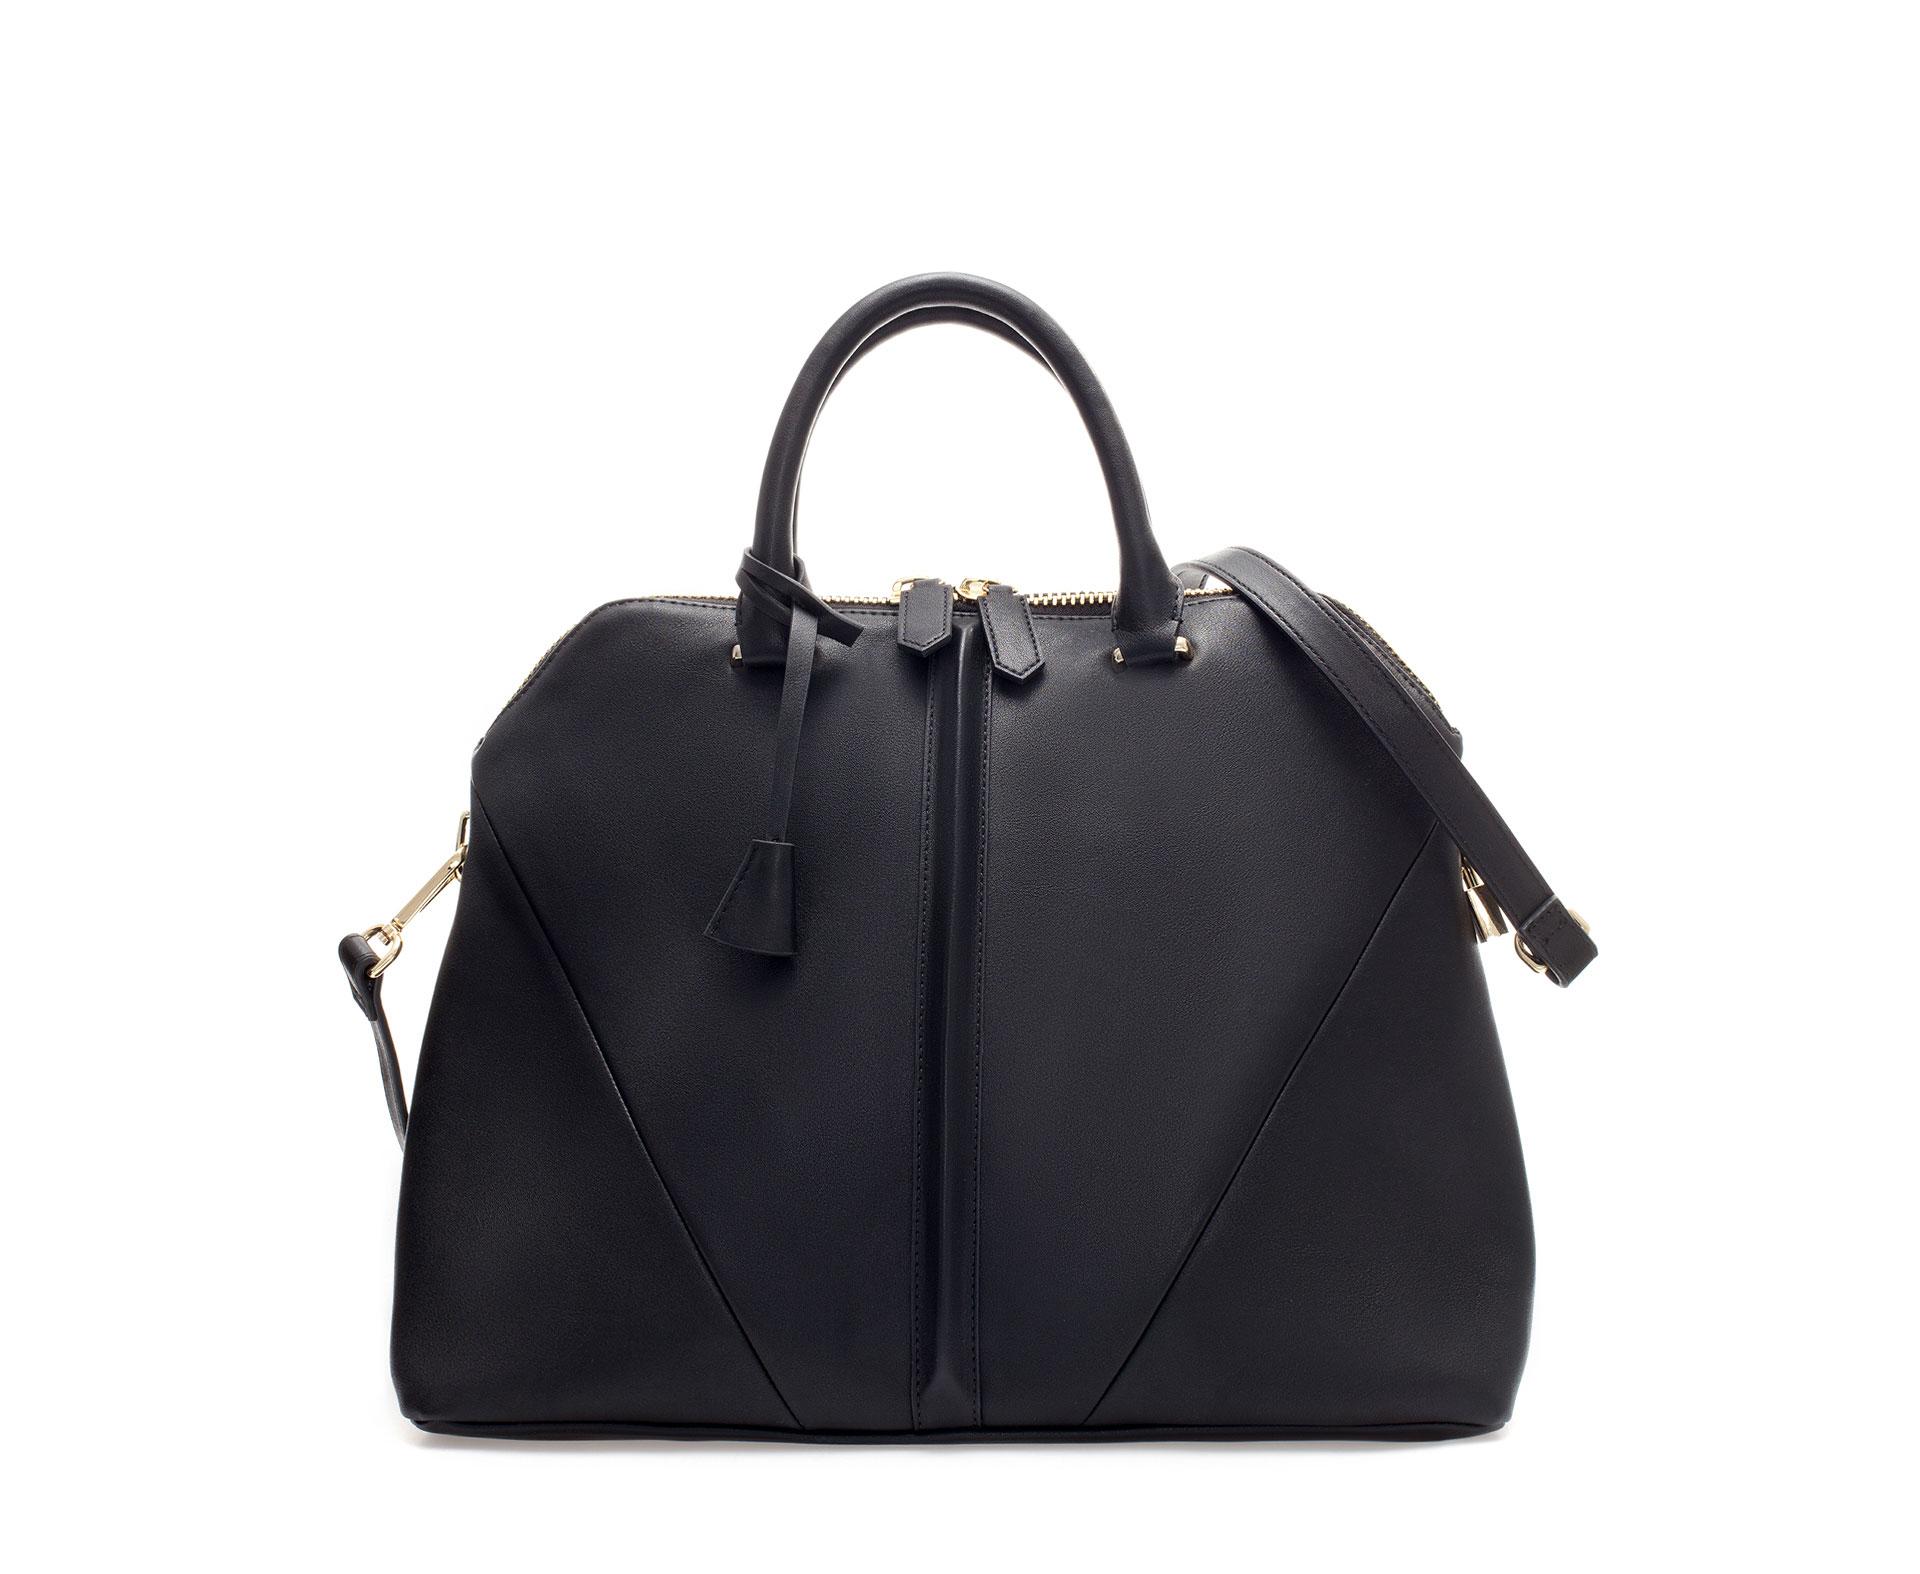 Zara City Bag With Shoulder Strap 117